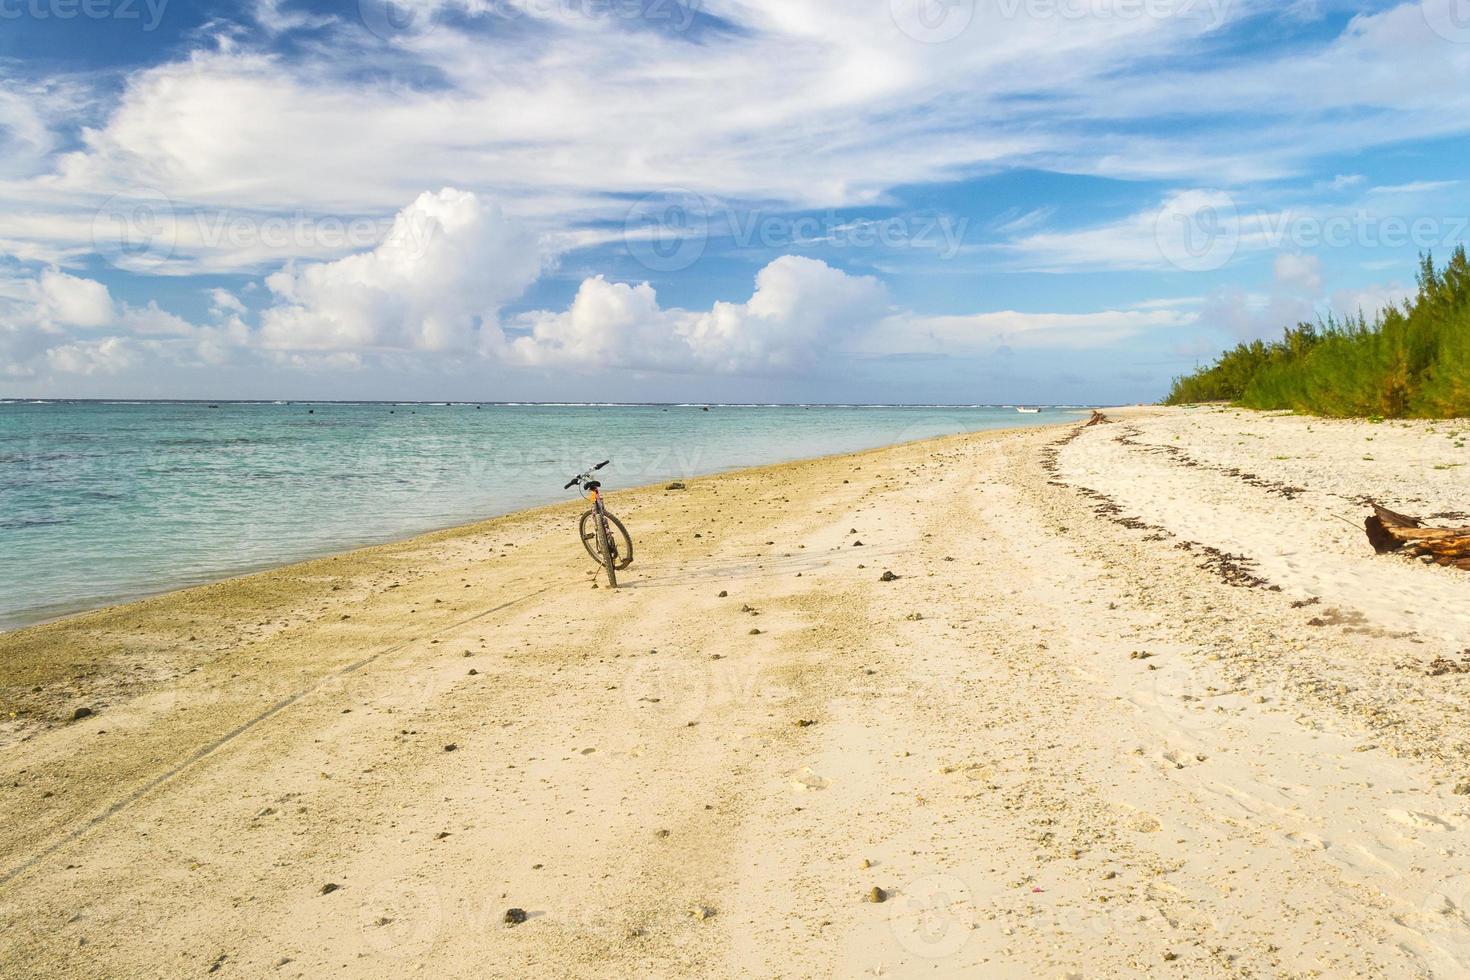 ensam pushcykel på en tropisk ökenstrand foto